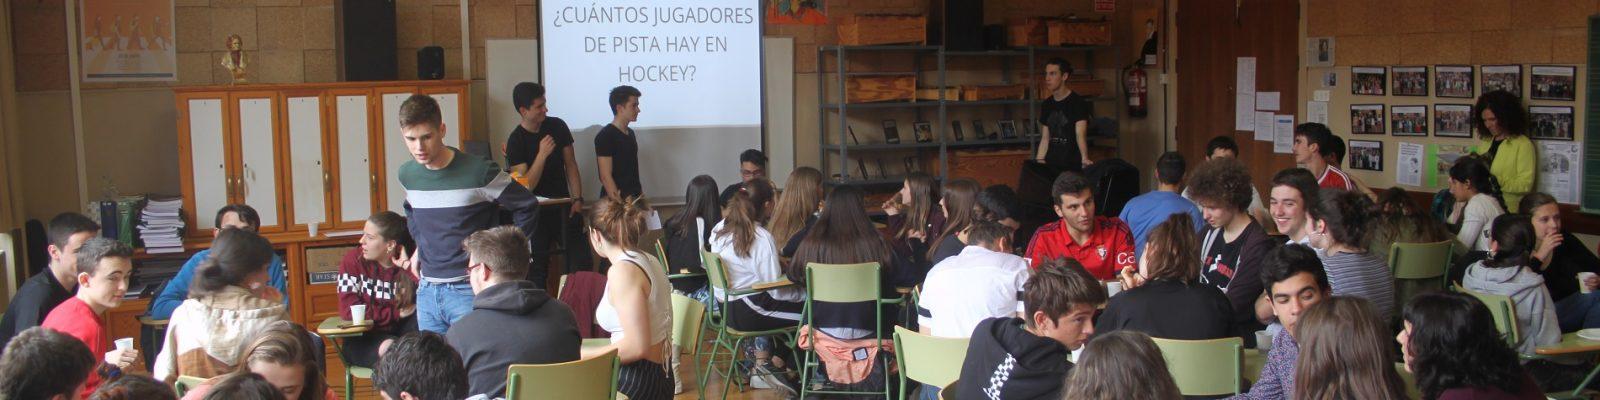 ¡Los alumnos son los protagonistas! (Fotos del Aprendizaje a la carta)